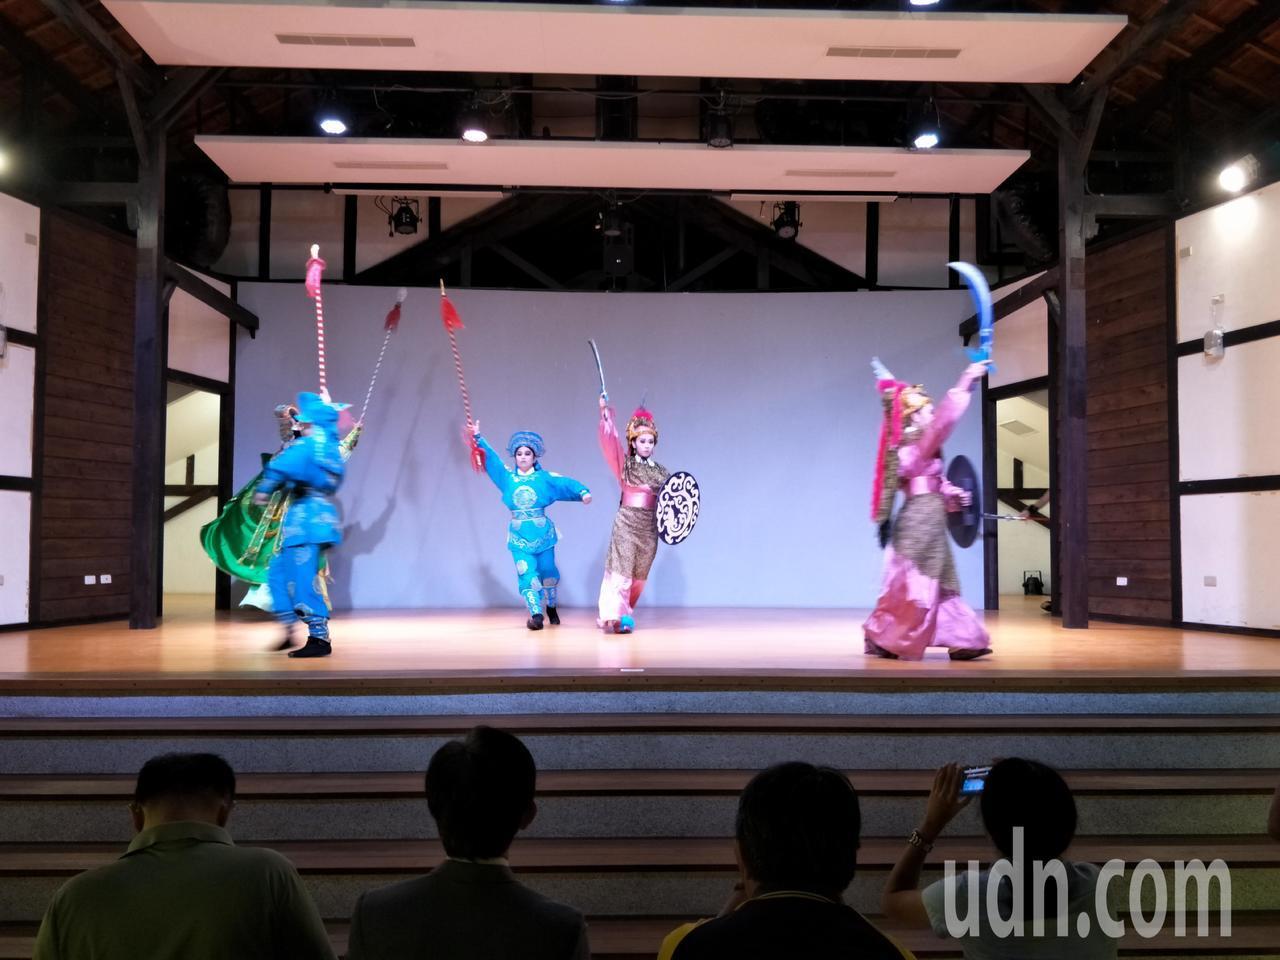 秀琴歌藝團在鹽水永成戲院表演精彩歌藝。記者謝進盛/攝影